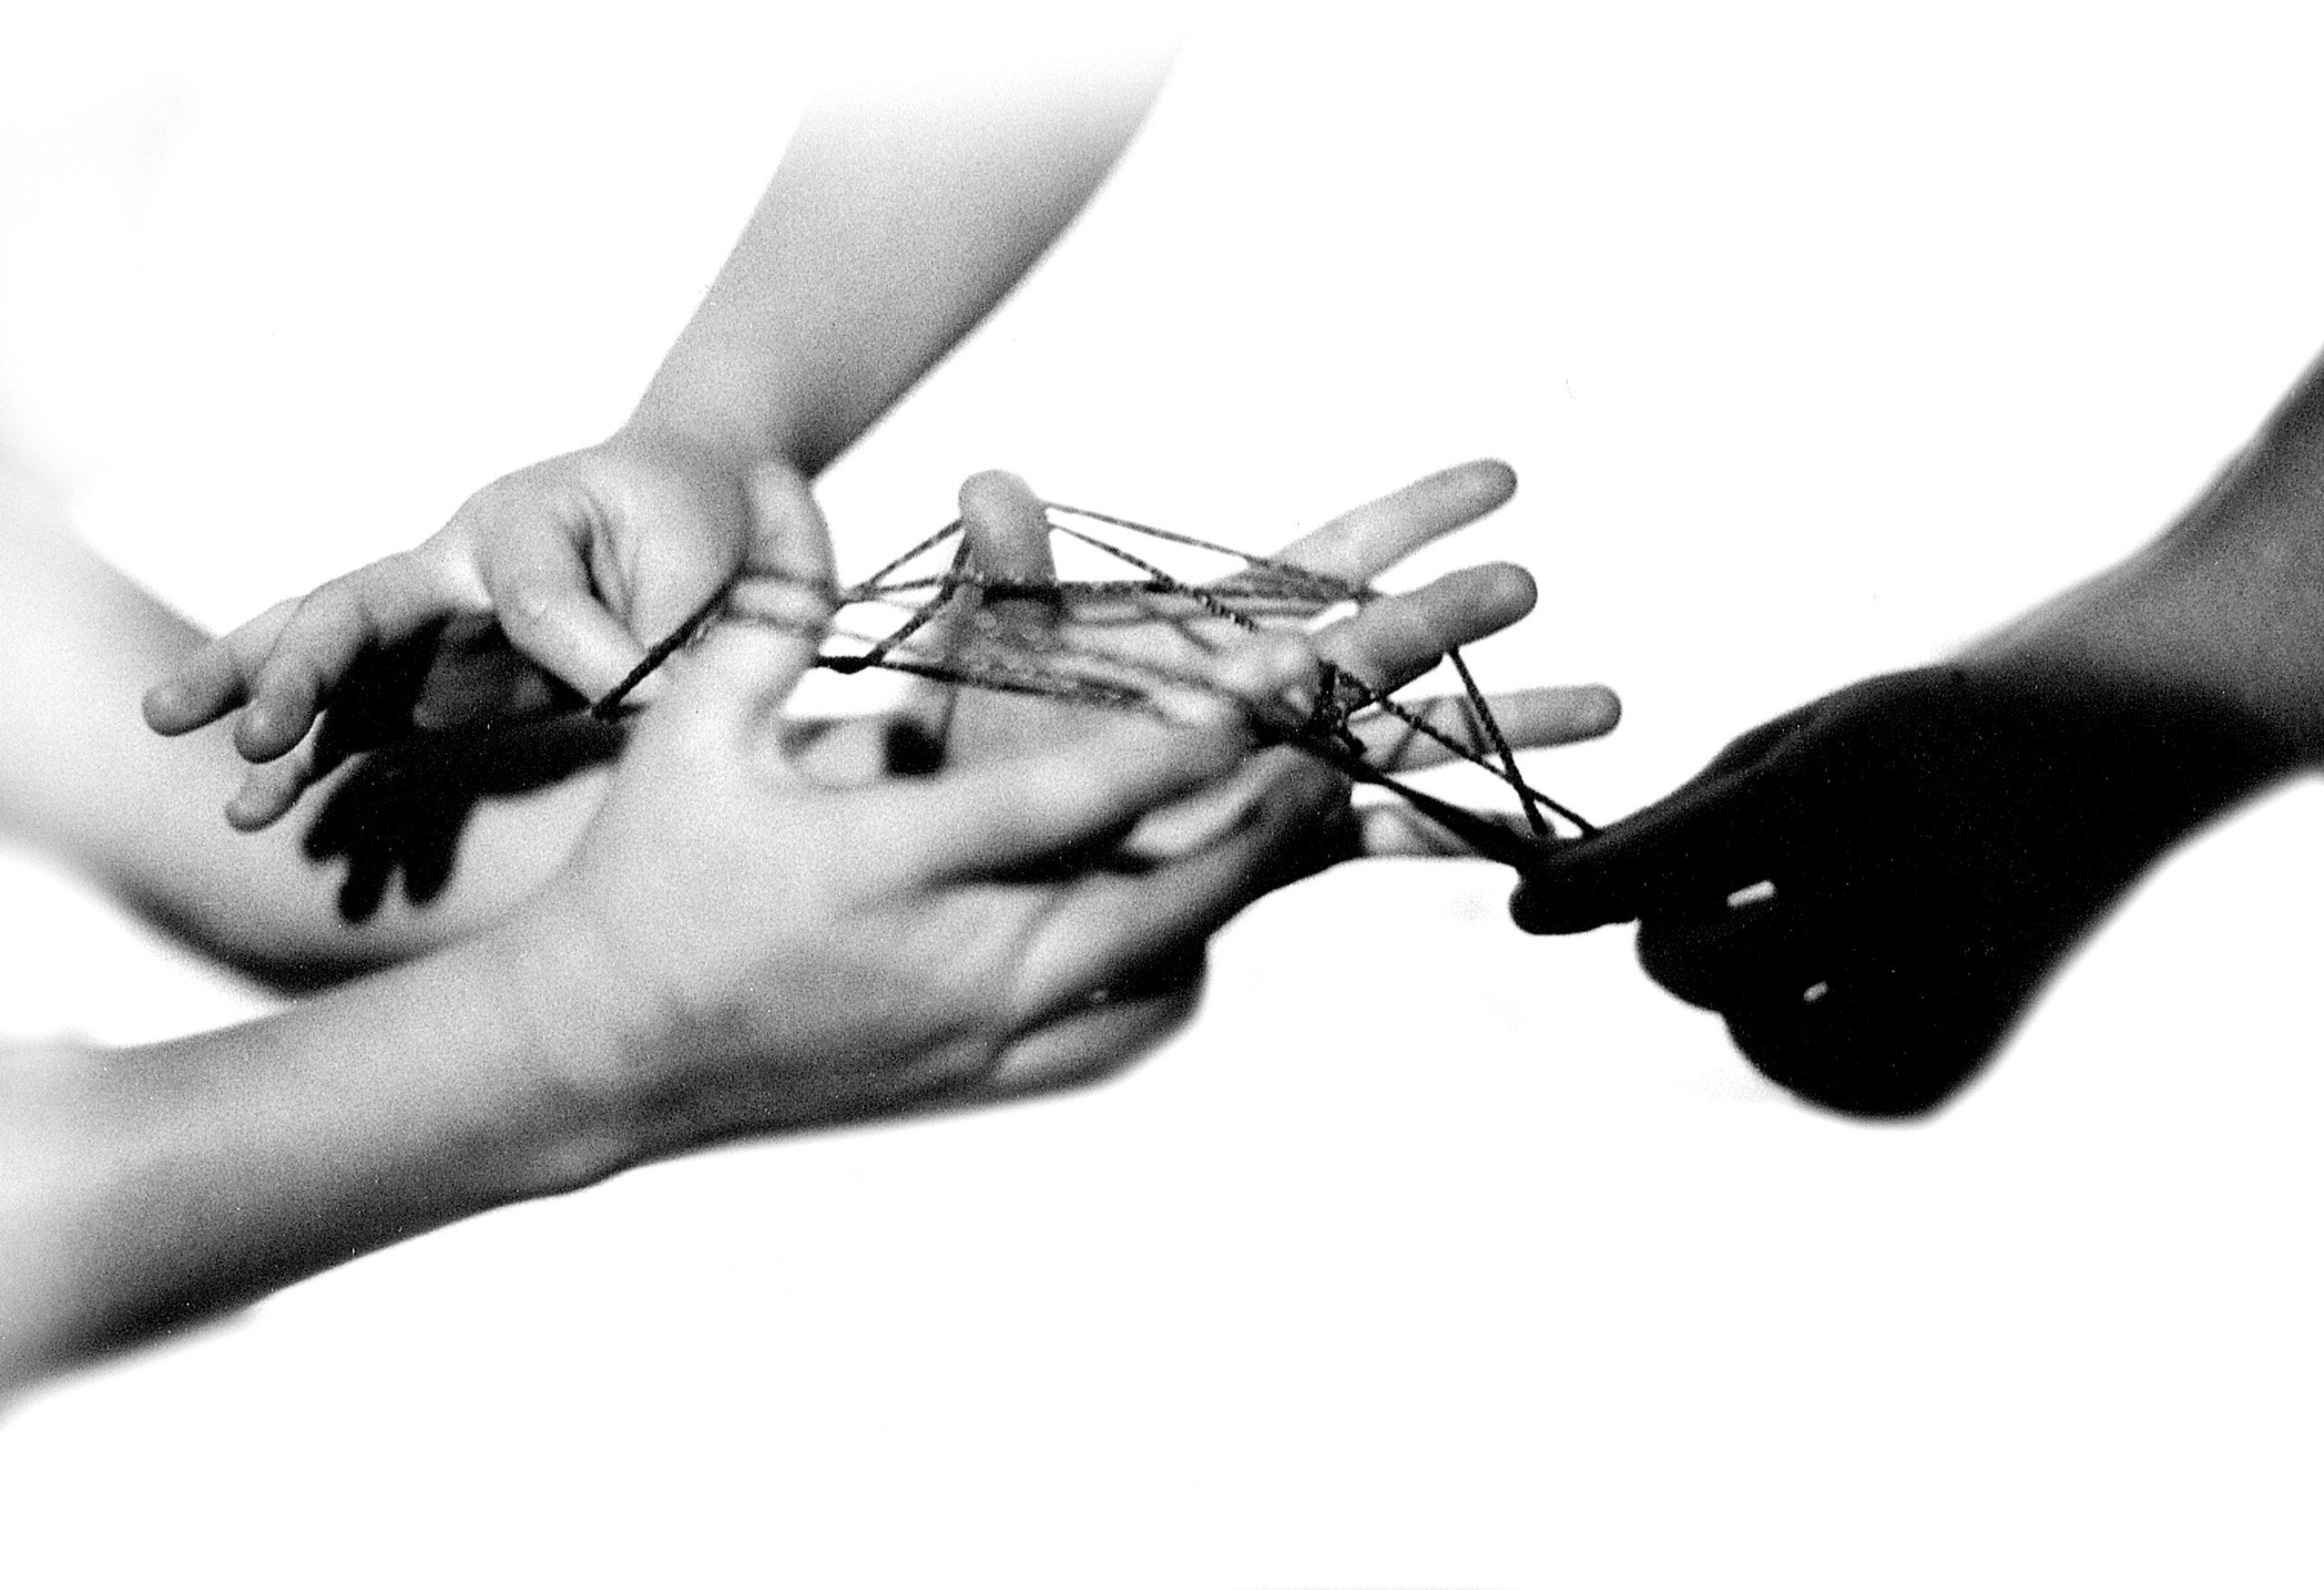 Hände, zwischen denen ein Faden gespannt ist